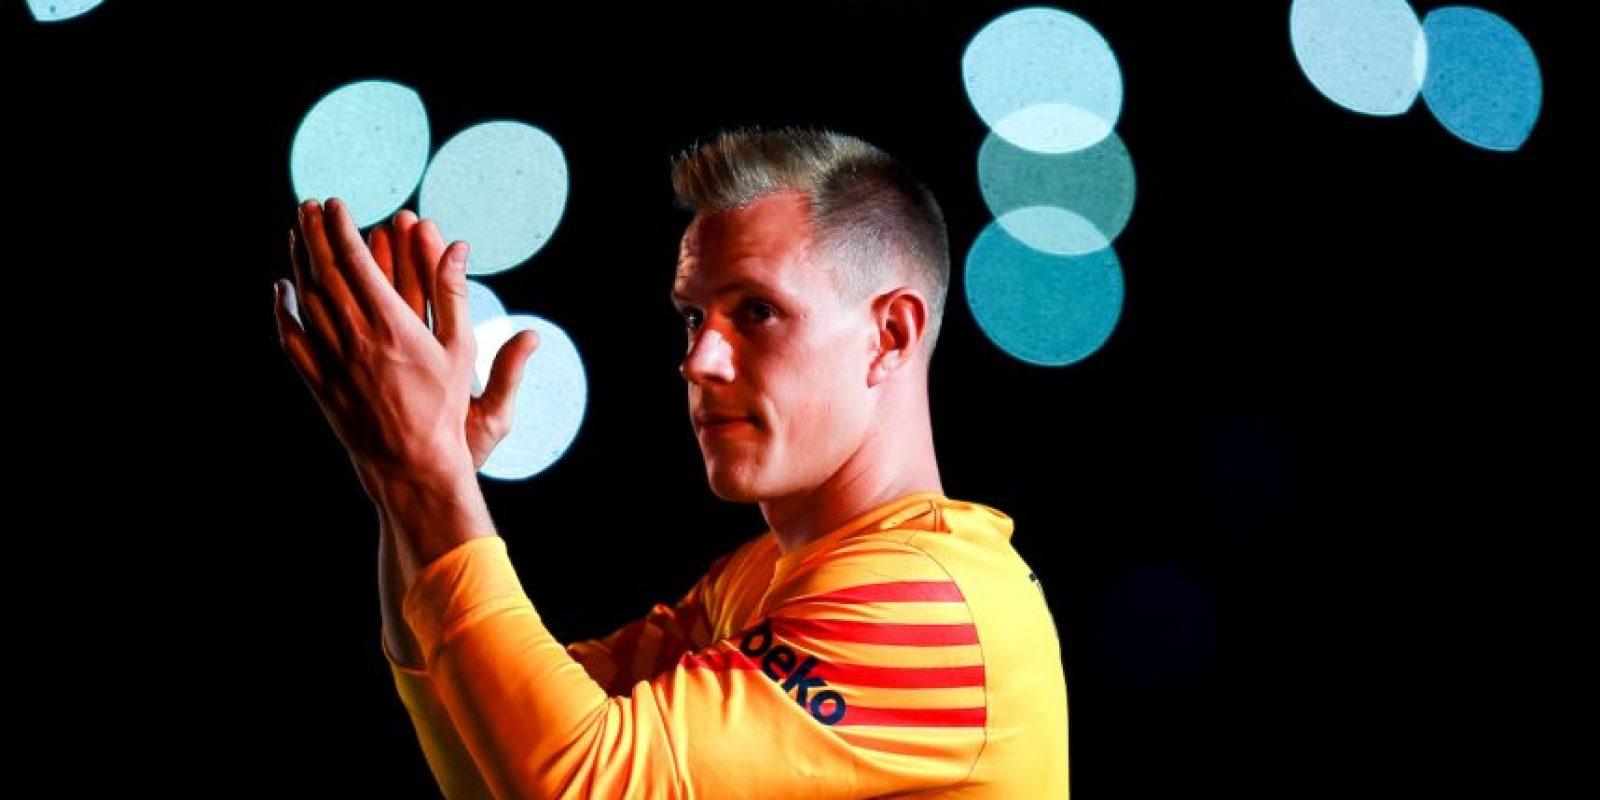 Esta temporada lleva dos duelos disputados y ocho goles recibidos. Foto:Getty Images